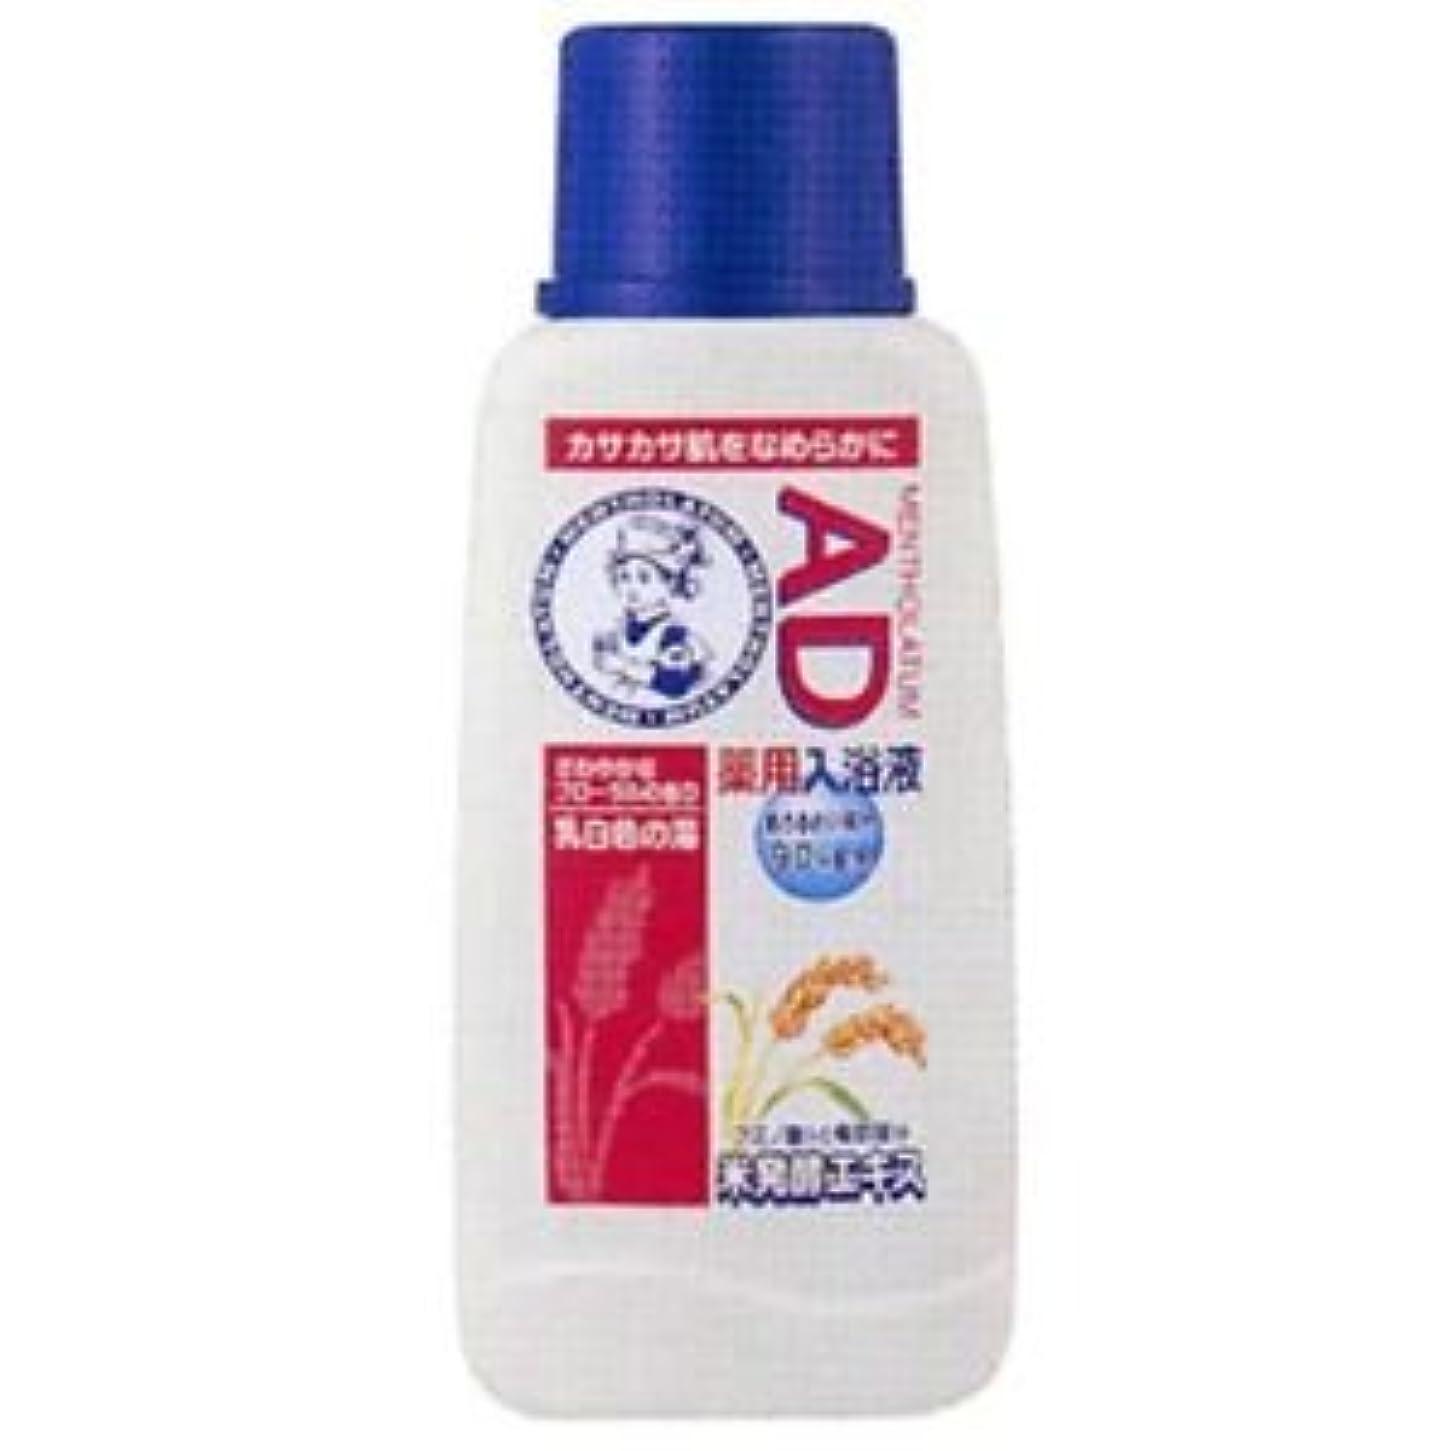 贅沢ニコチンビリーメンソレータム AD薬用入浴剤 フローラルの香り(入浴剤) 5セット